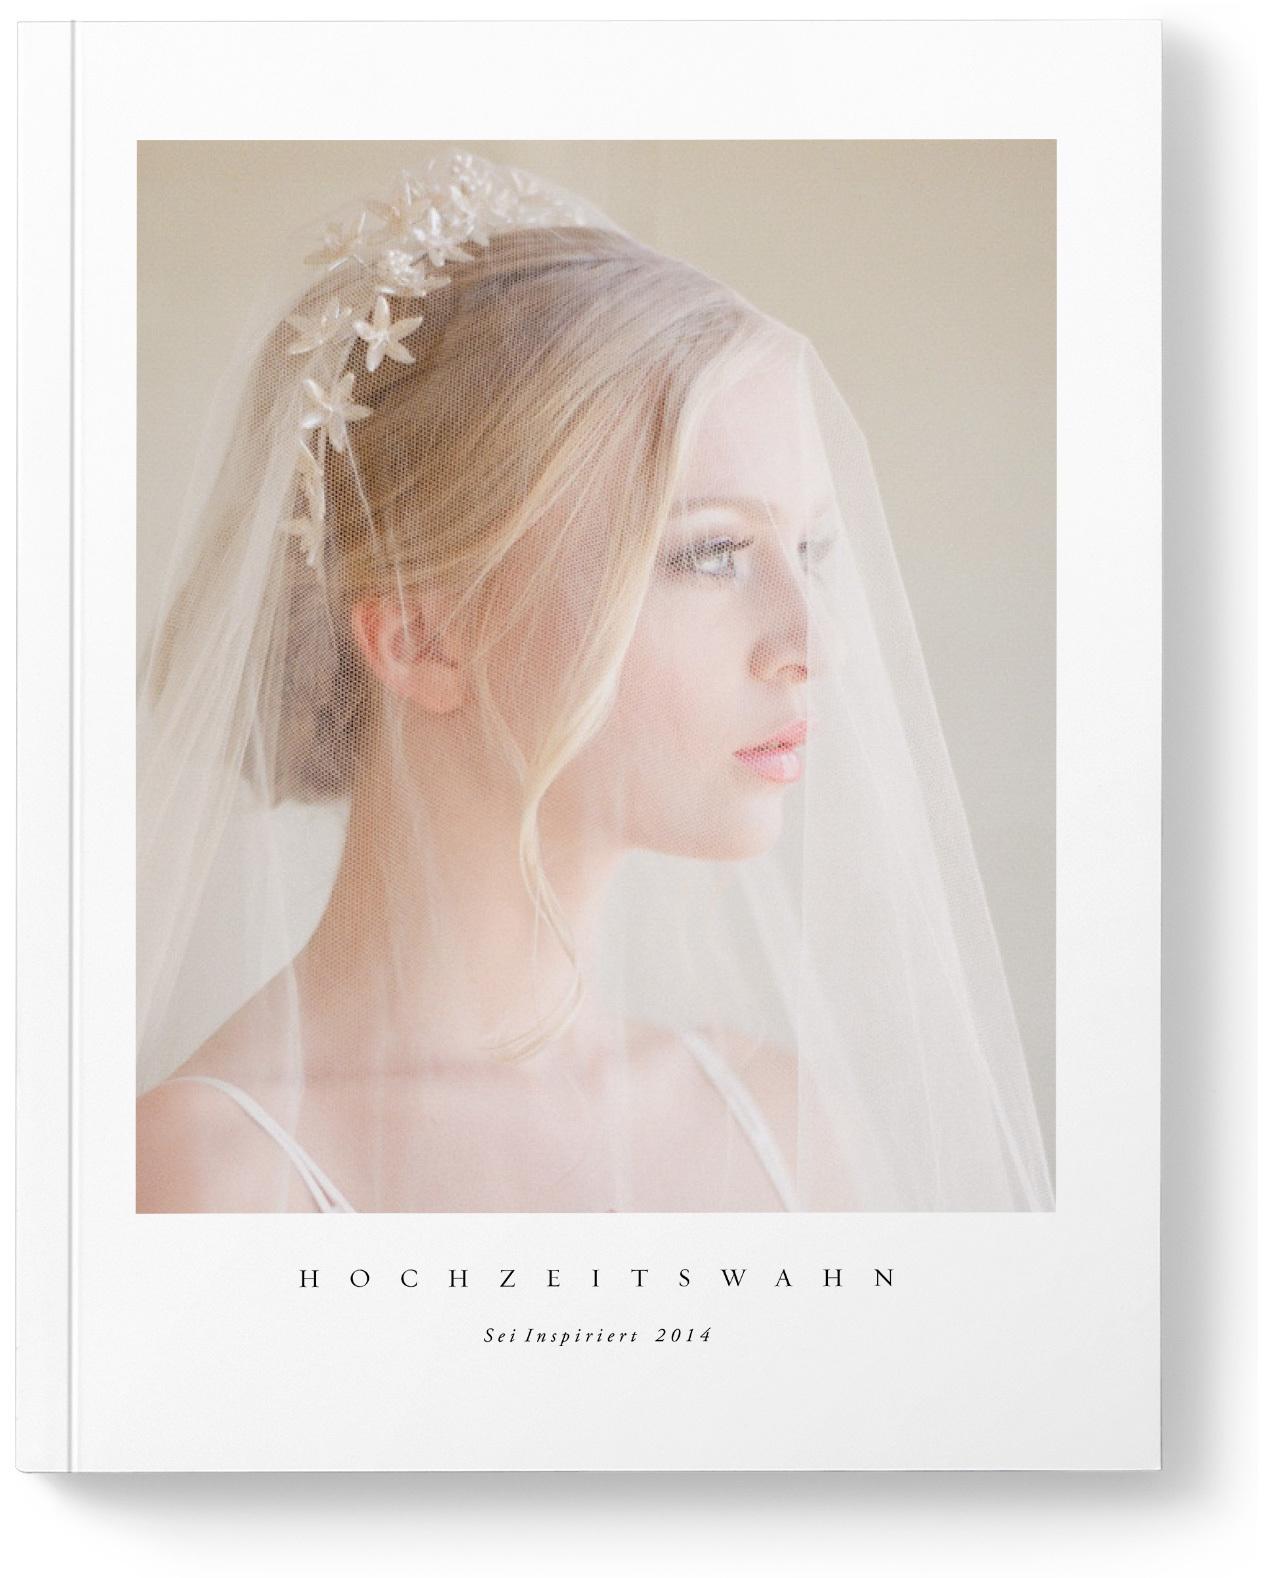 Hochzeitswahn - Sei inspiriert Buch - No.2 201401